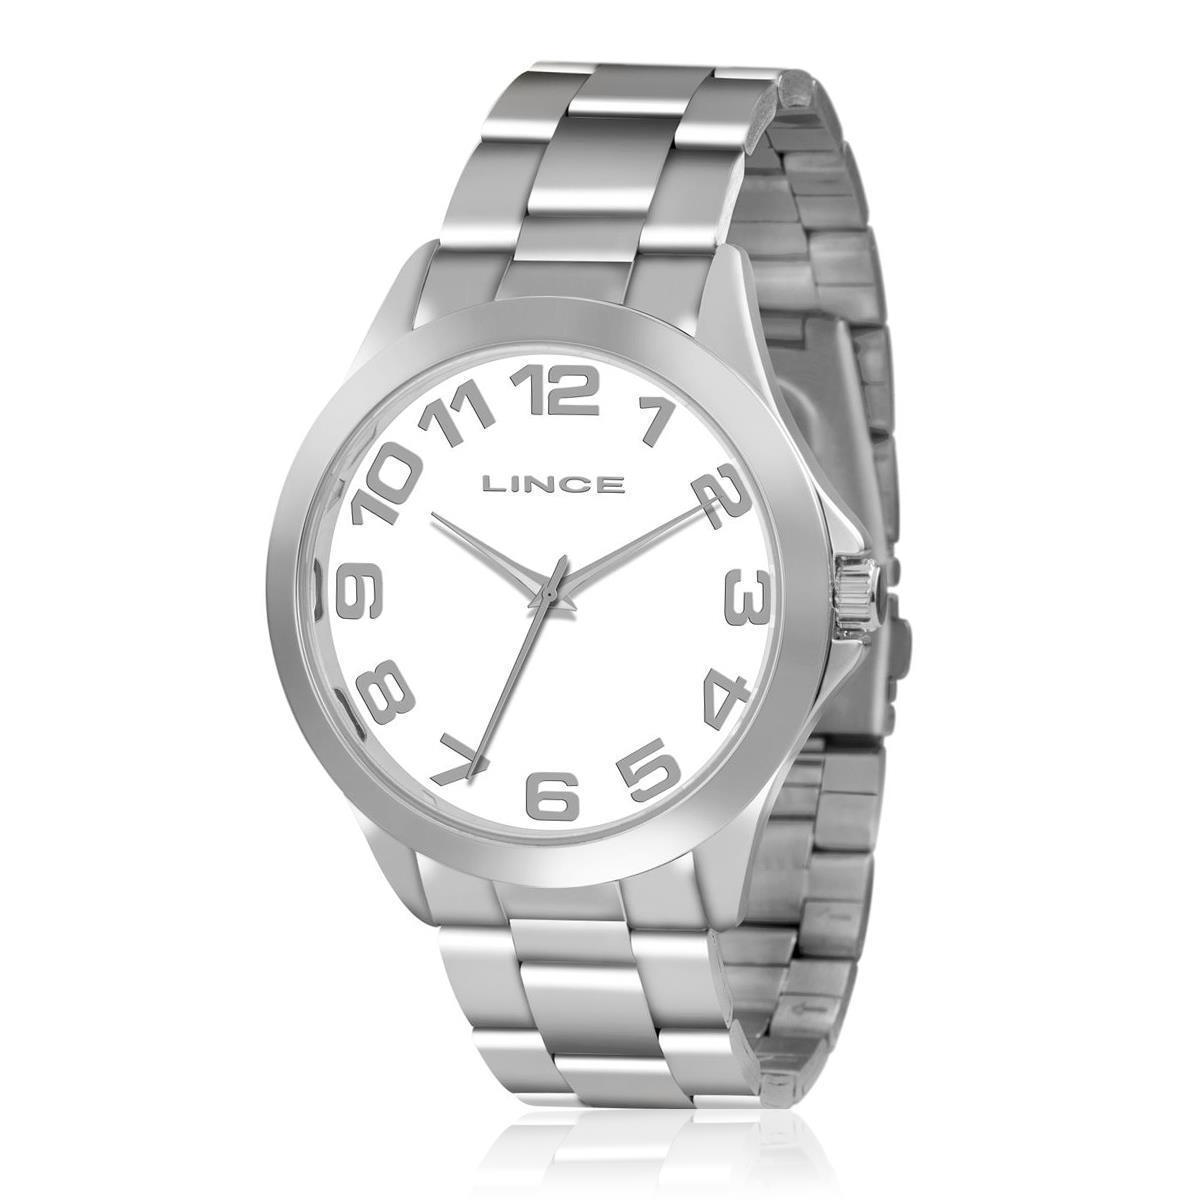 Relógio Feminino Lince Analógico LRMJ039L B2SX Aço R  148,90 à vista.  Adicionar à sacola f62254c585